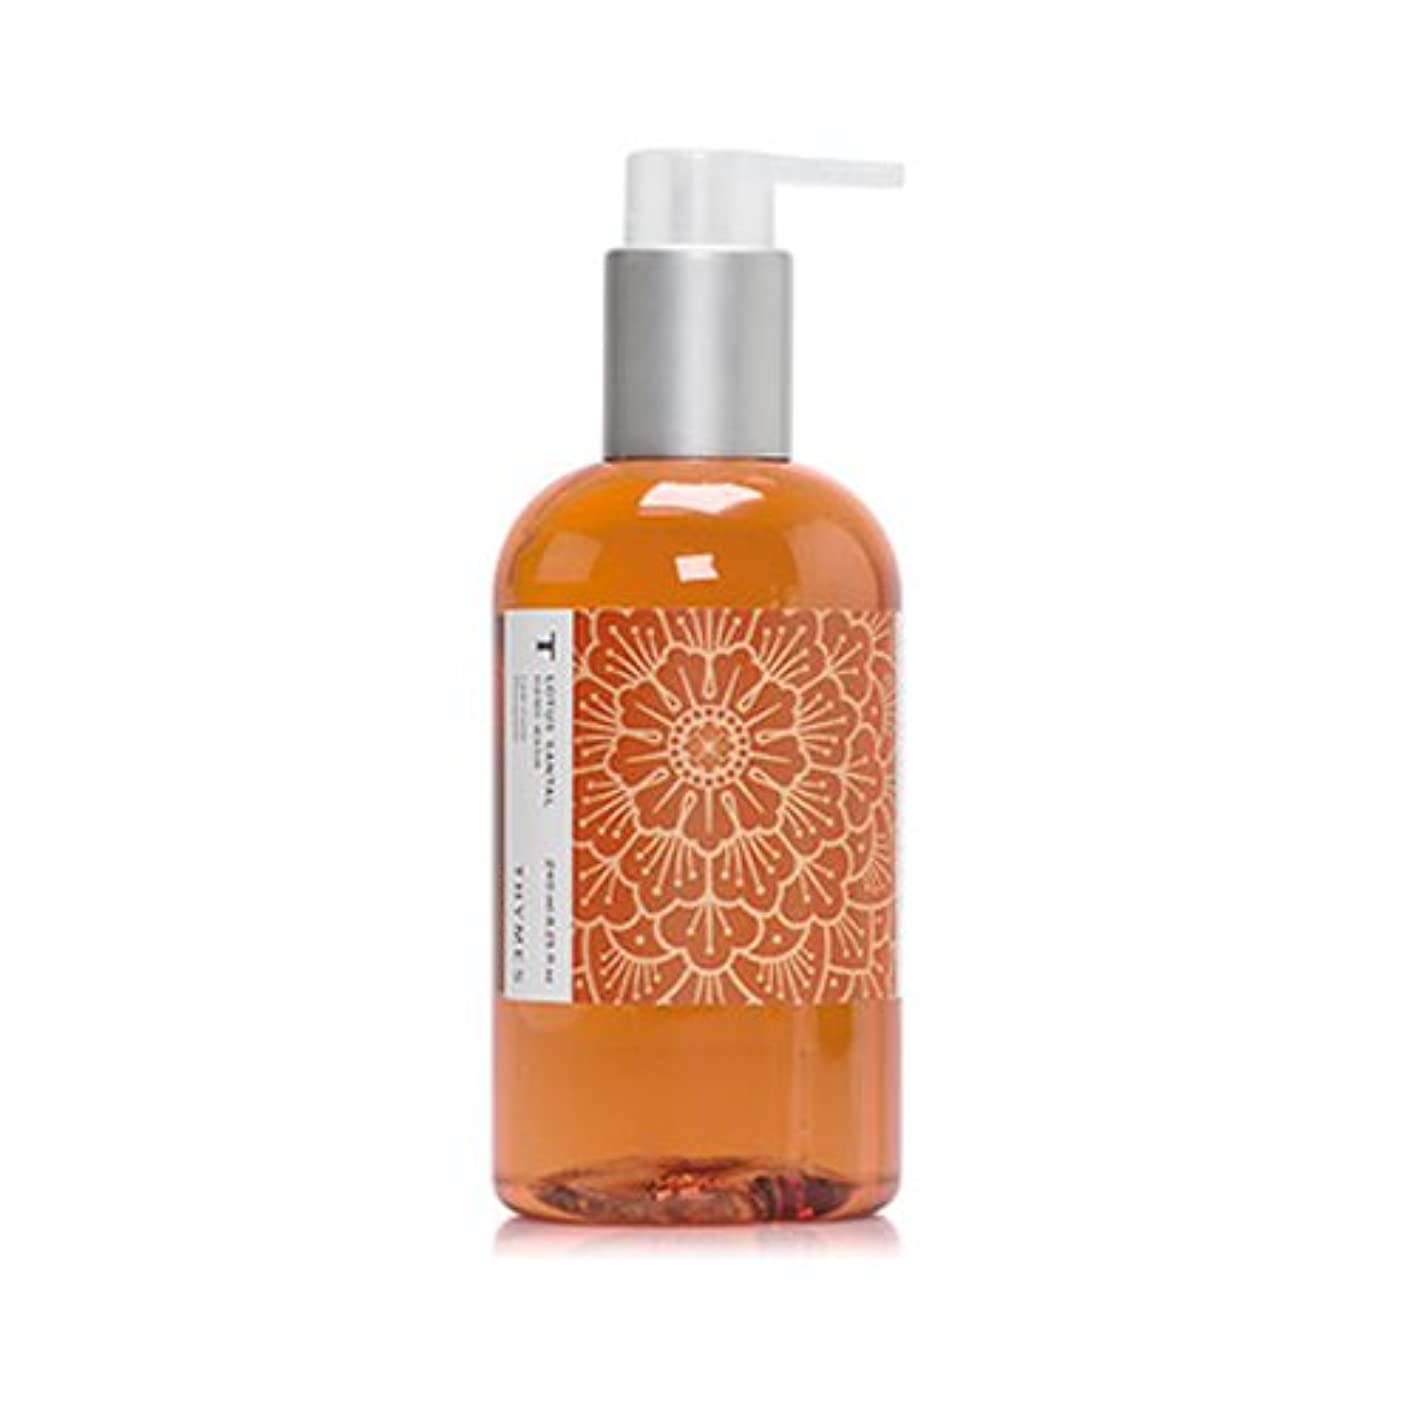 固執従事した保育園THYMES タイムズ ハンドウォッシュ 240ml ロータスサンタル Hand Wash 8.25 fl oz Lotus Santal [並行輸入品]